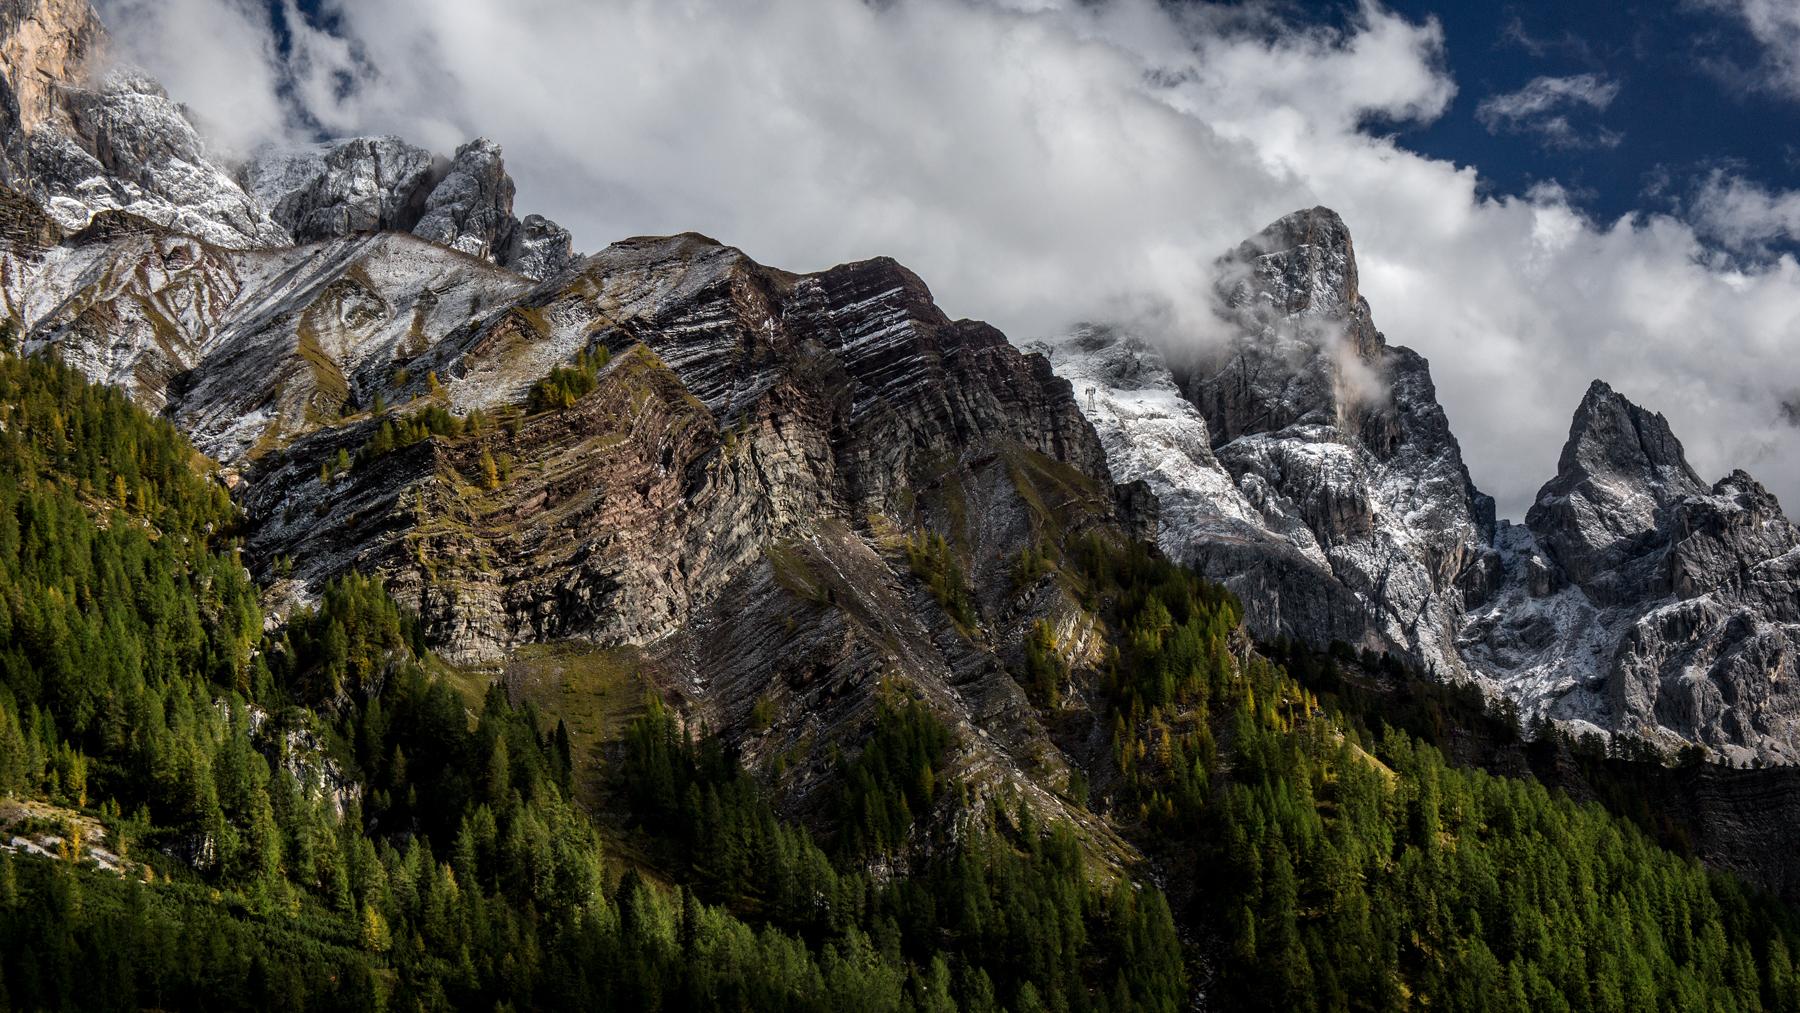 Dolomiti, Cima Rosetta, Pale di S.Martino